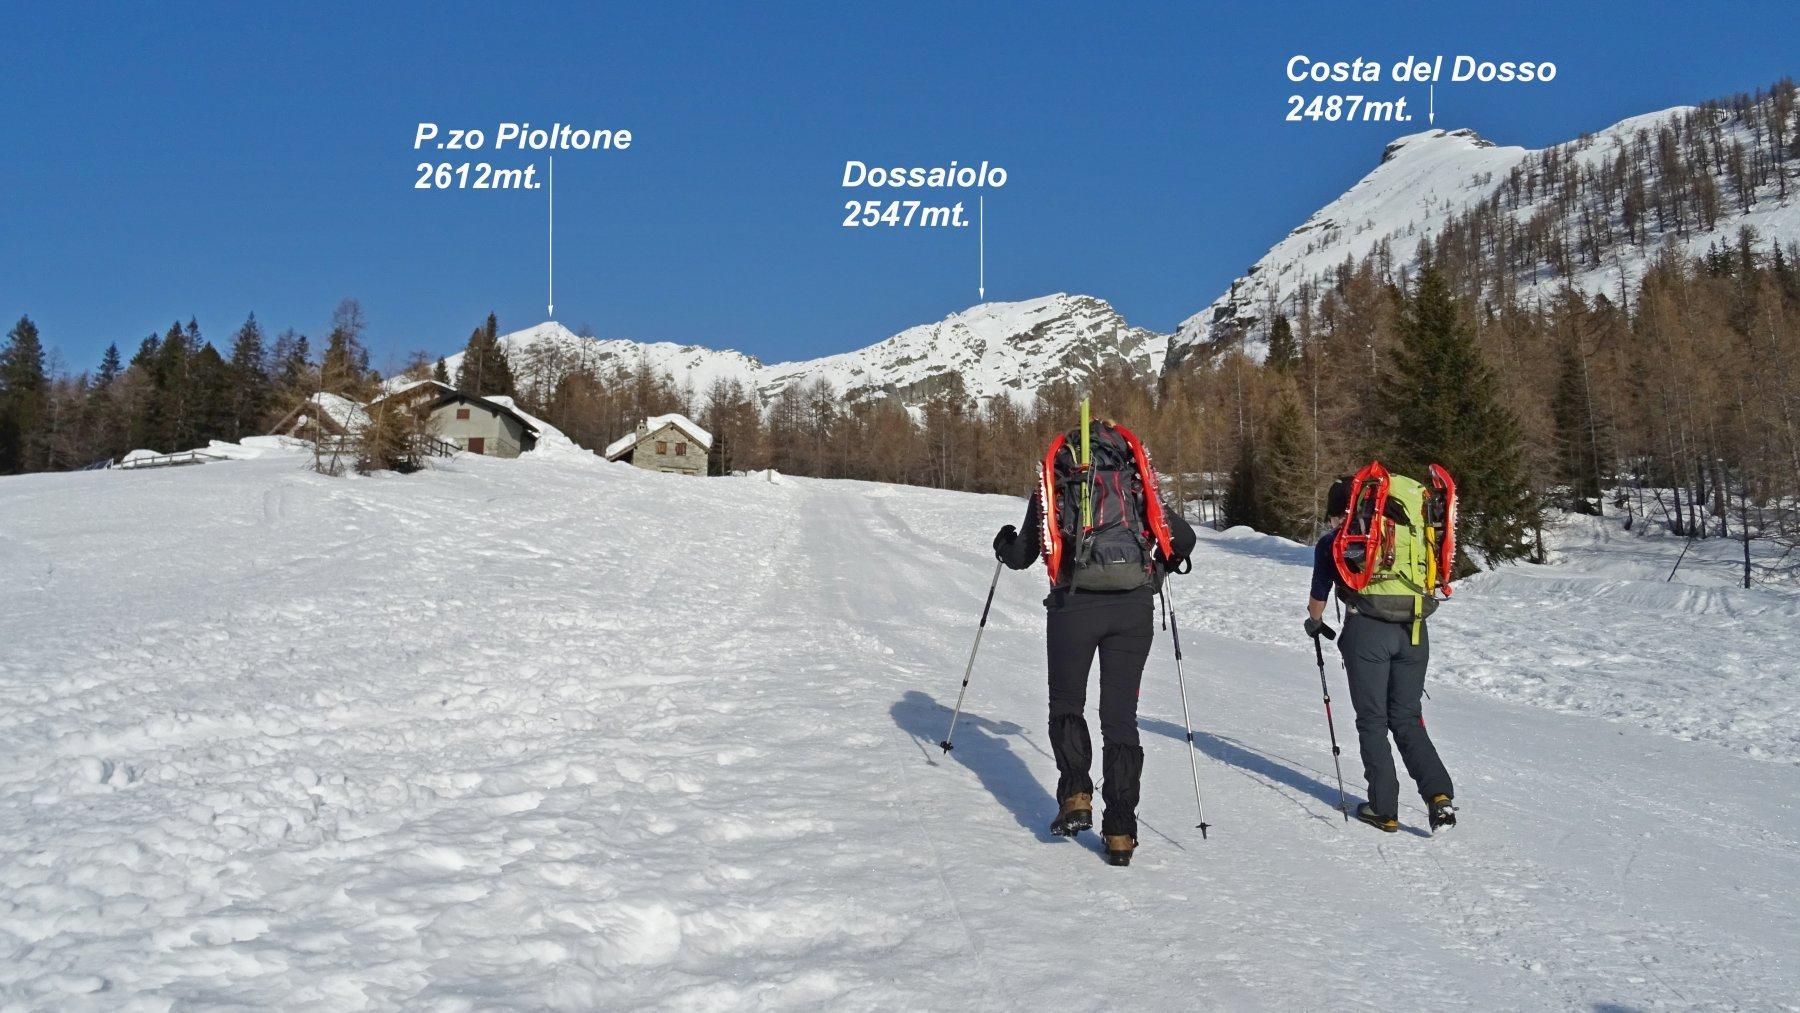 Alpe Arza 1754mt.